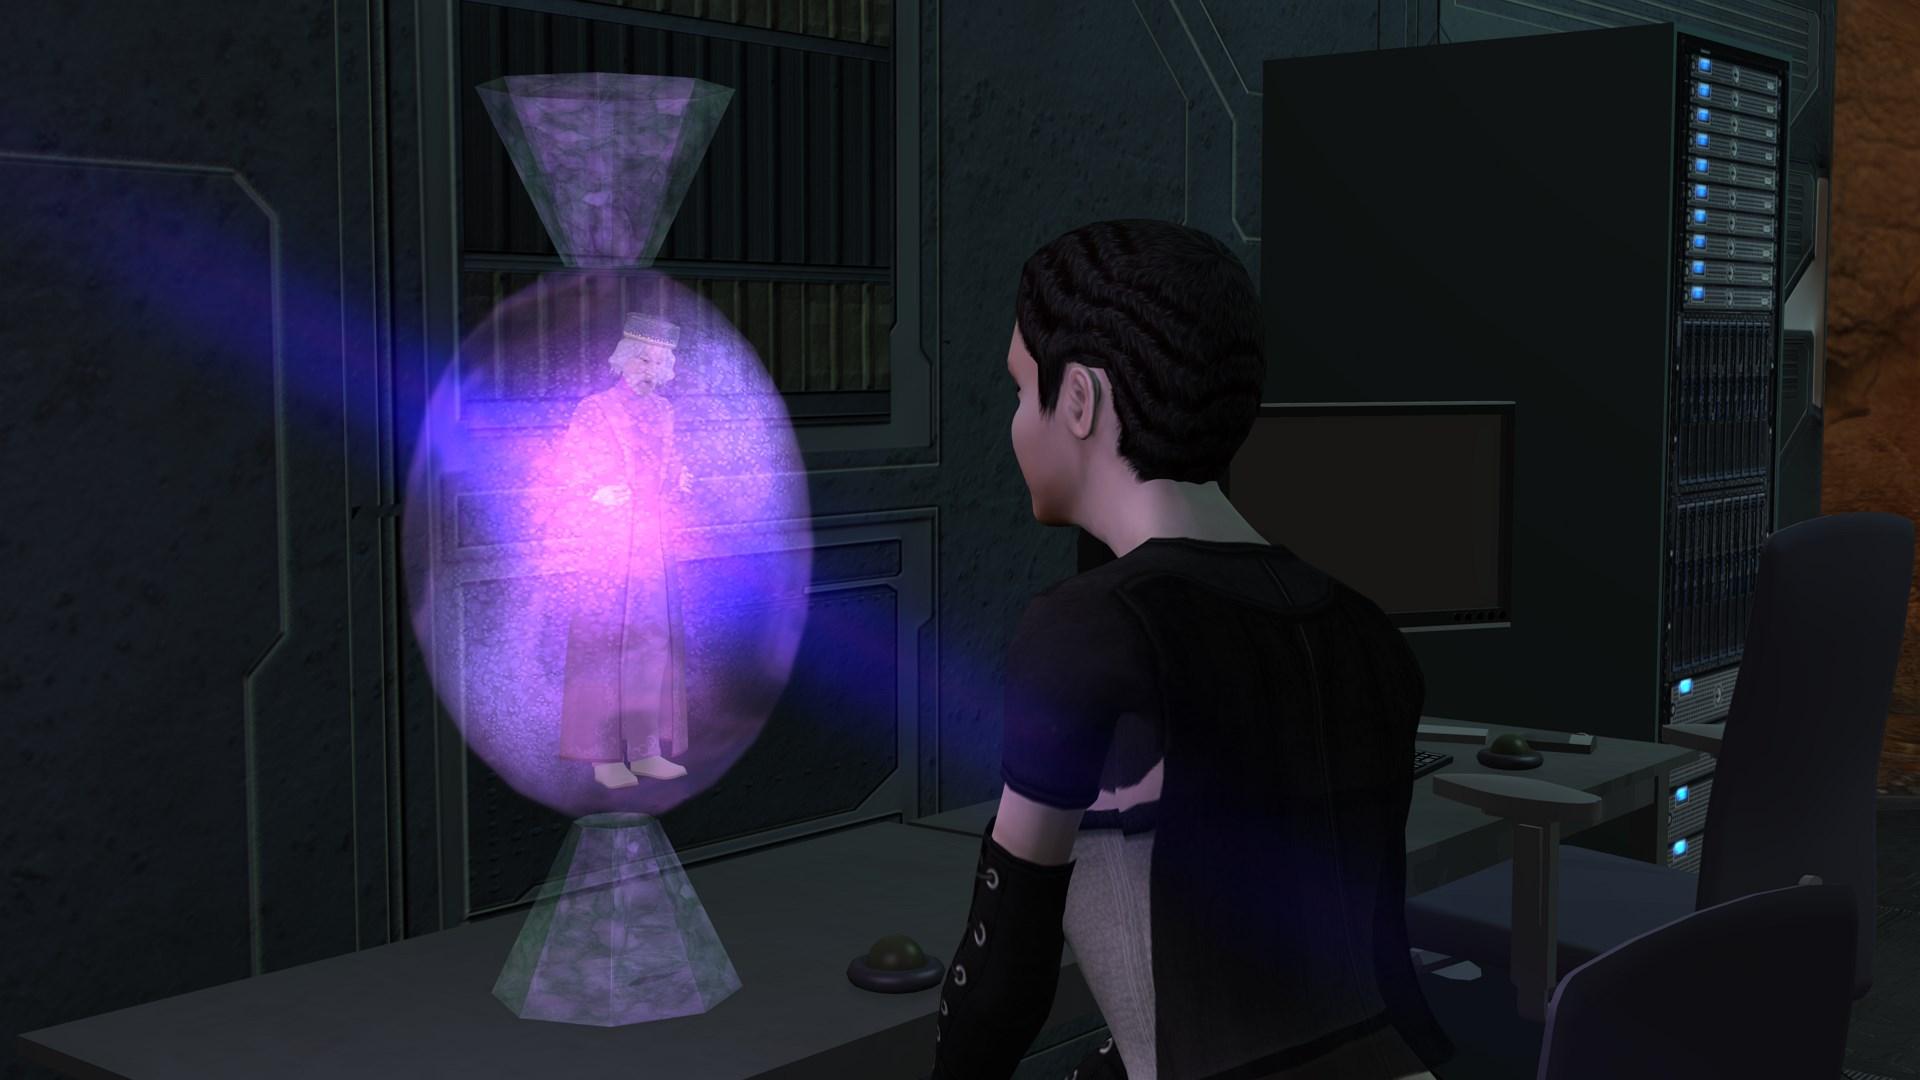 kazh_and_lheandor_in_a_holocall_via_the_crystalloy.jpg